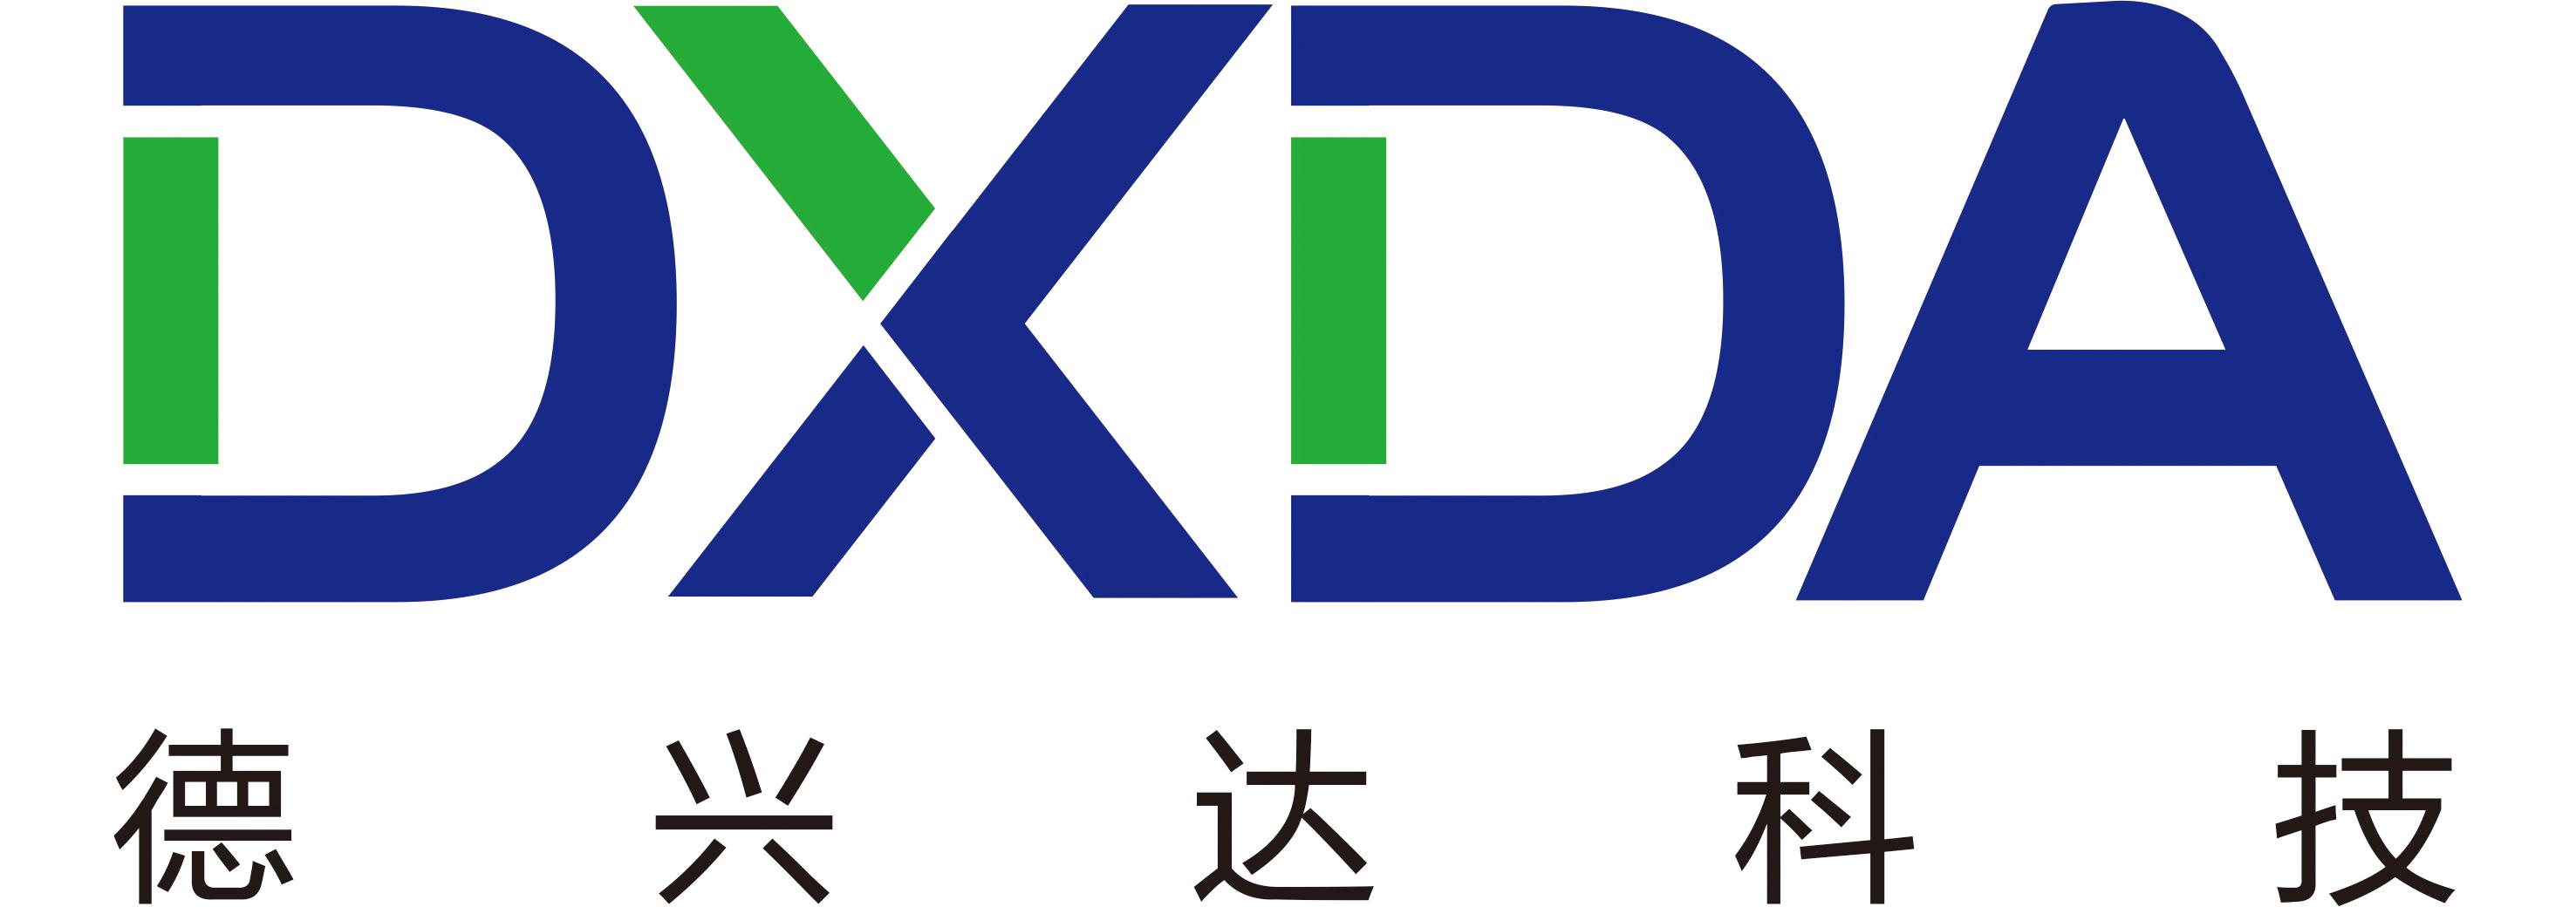 深圳市德兴达科技有限公司-深圳物联网展会